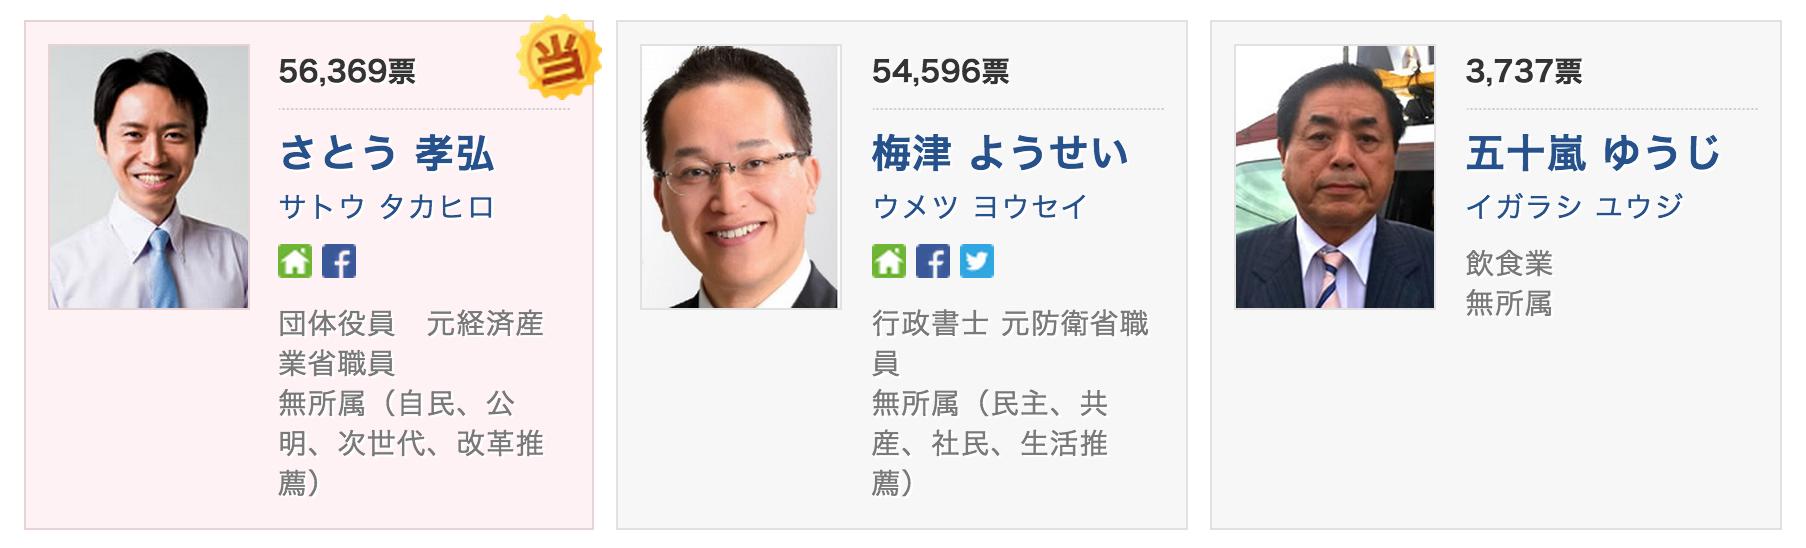 2015年 山形市長選挙